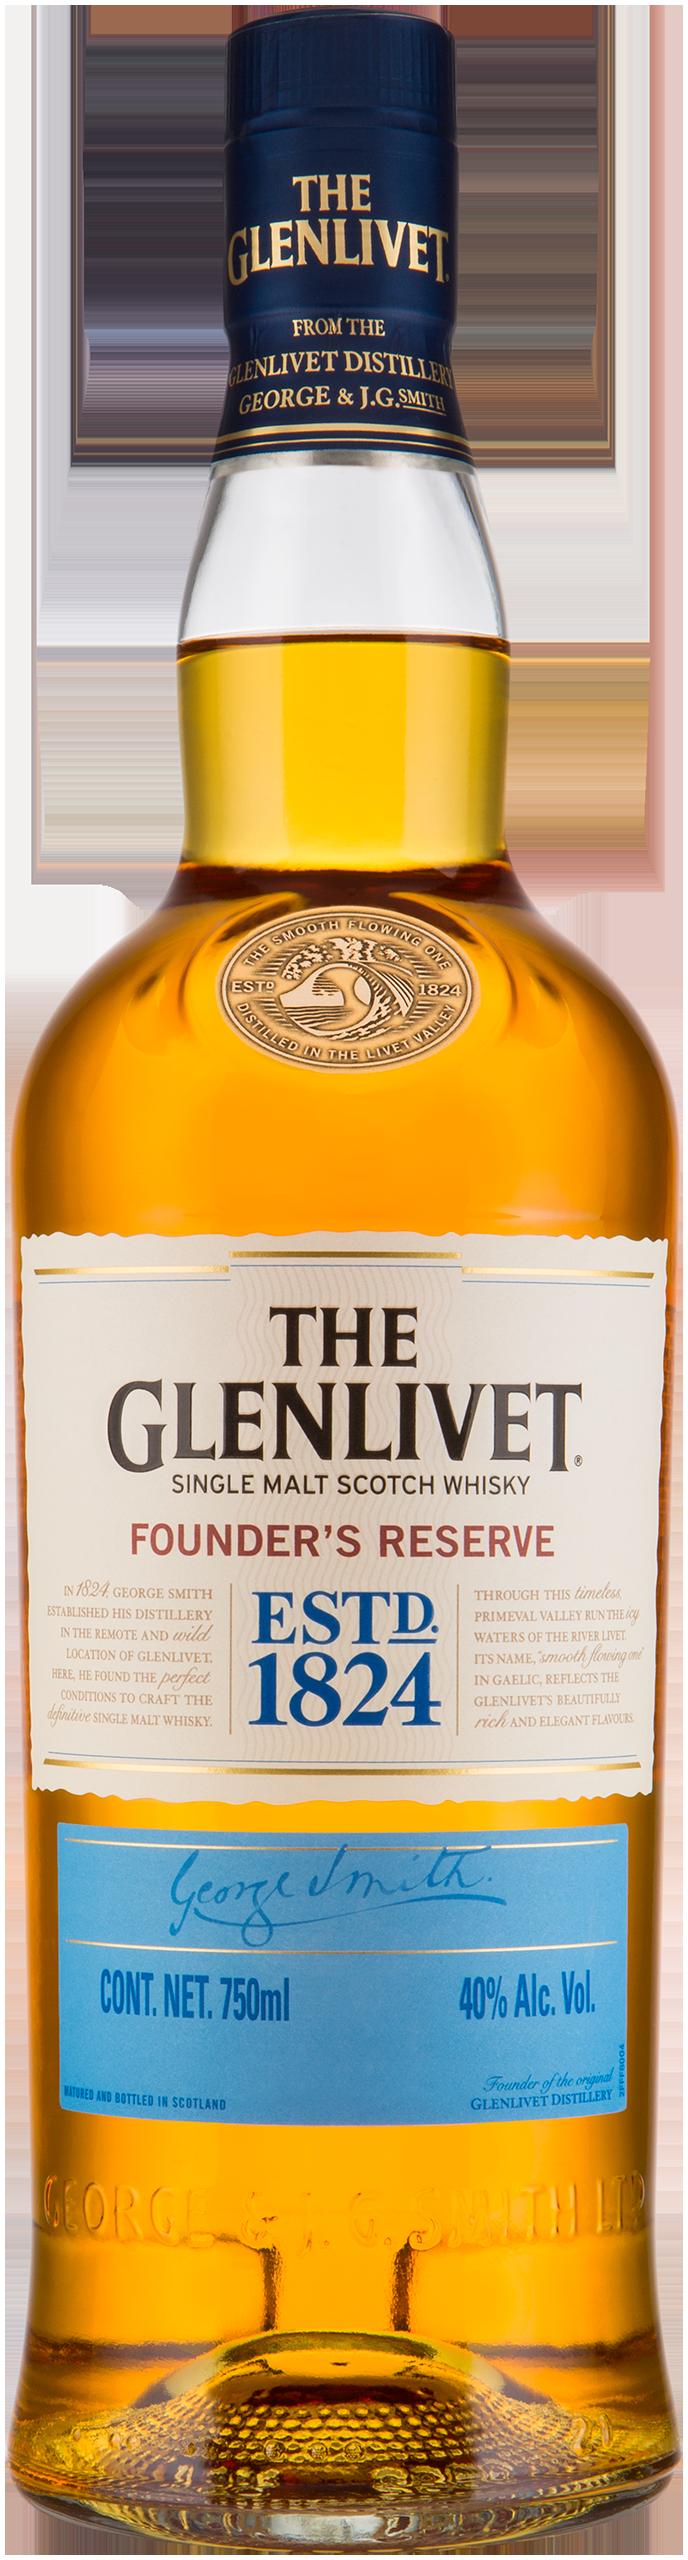 the-glenlivet-main